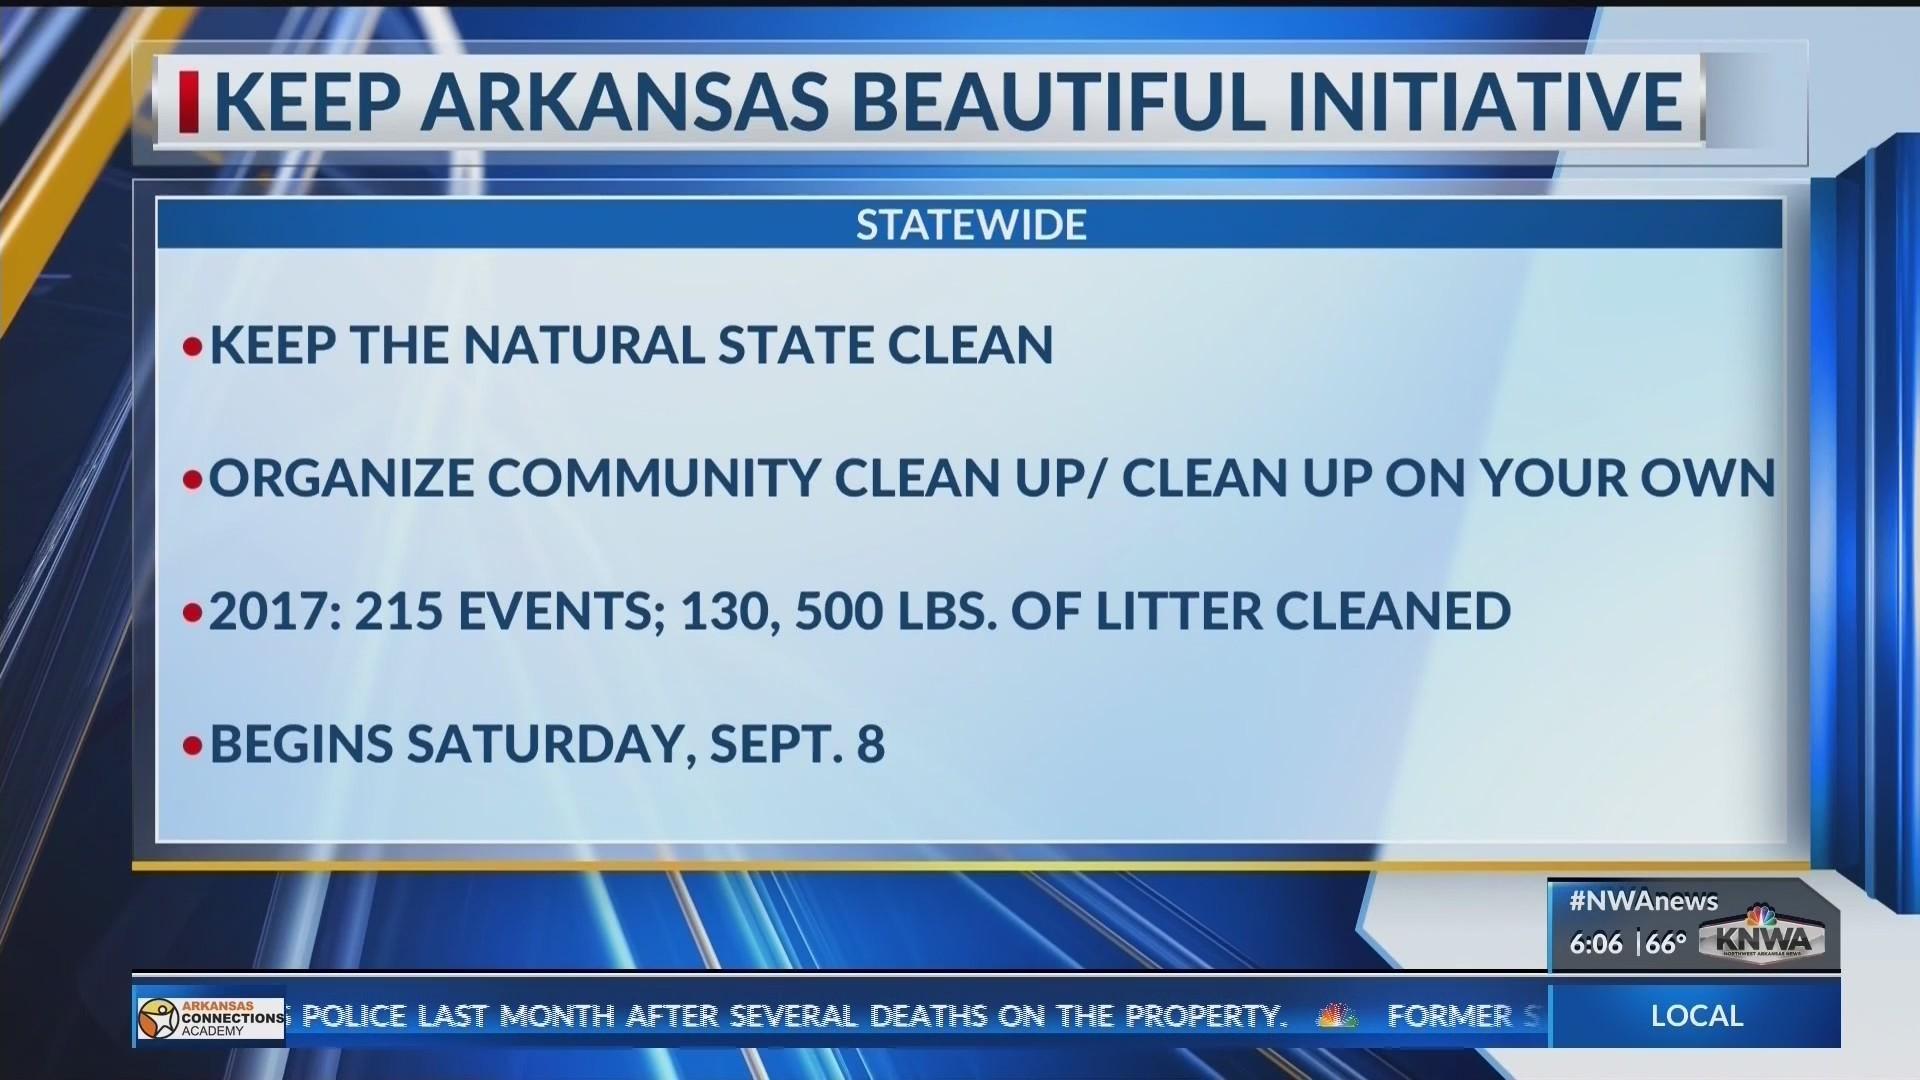 Keep_Arkansas_Beautiful_Initiative_0_20180906122114